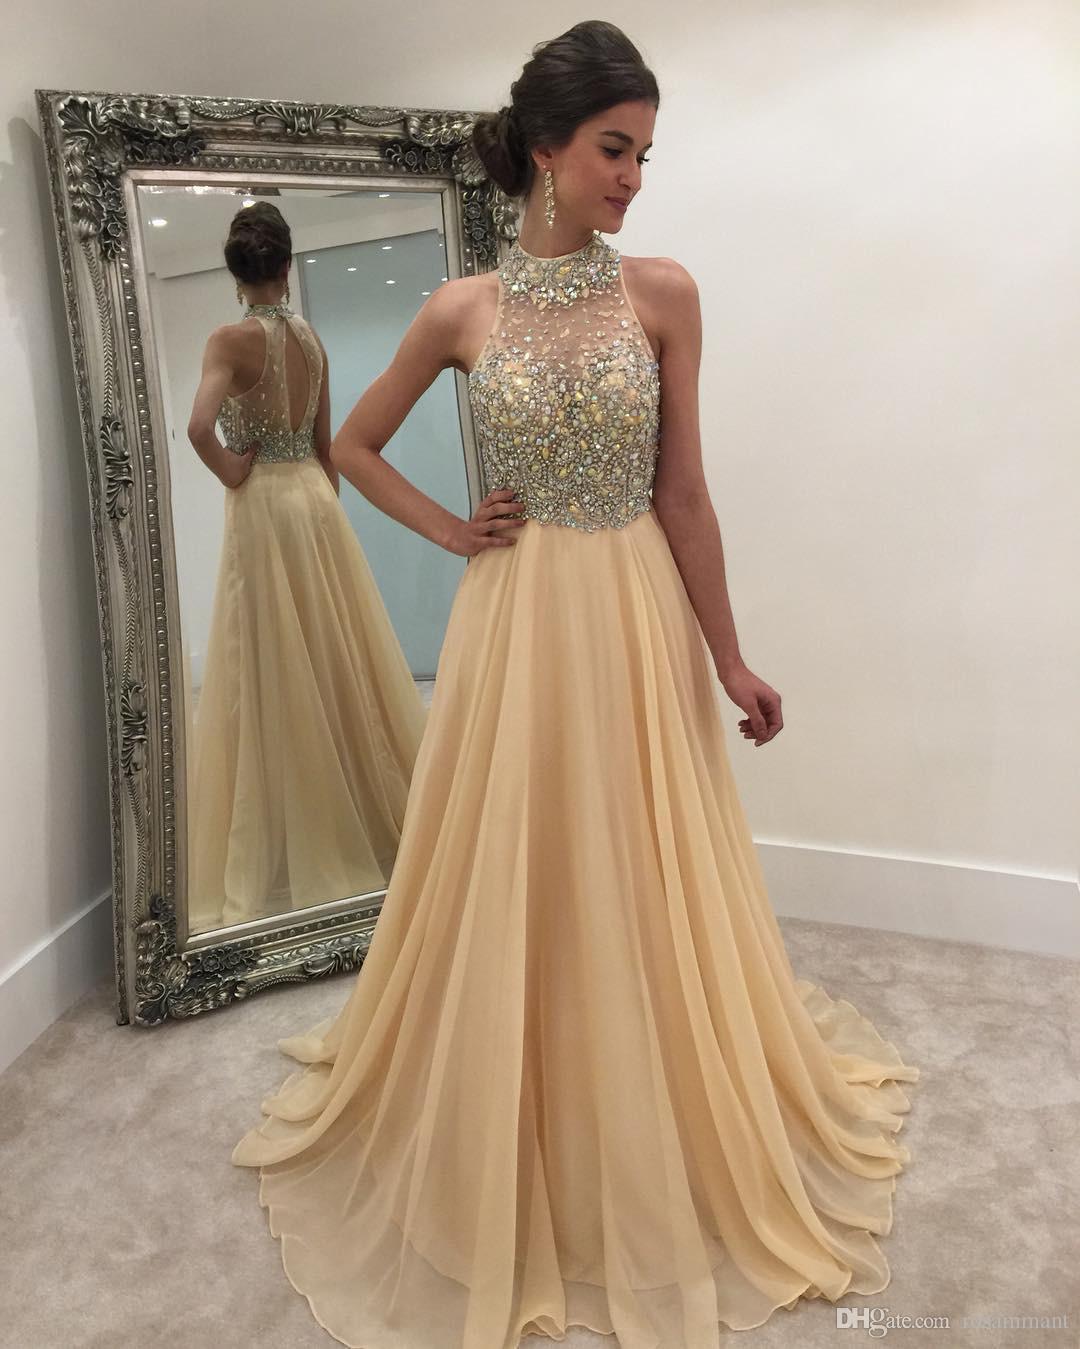 Plus récent cristal en mousseline de soie perles illusion licol retour longue champagne robes de bal en organza style sexy